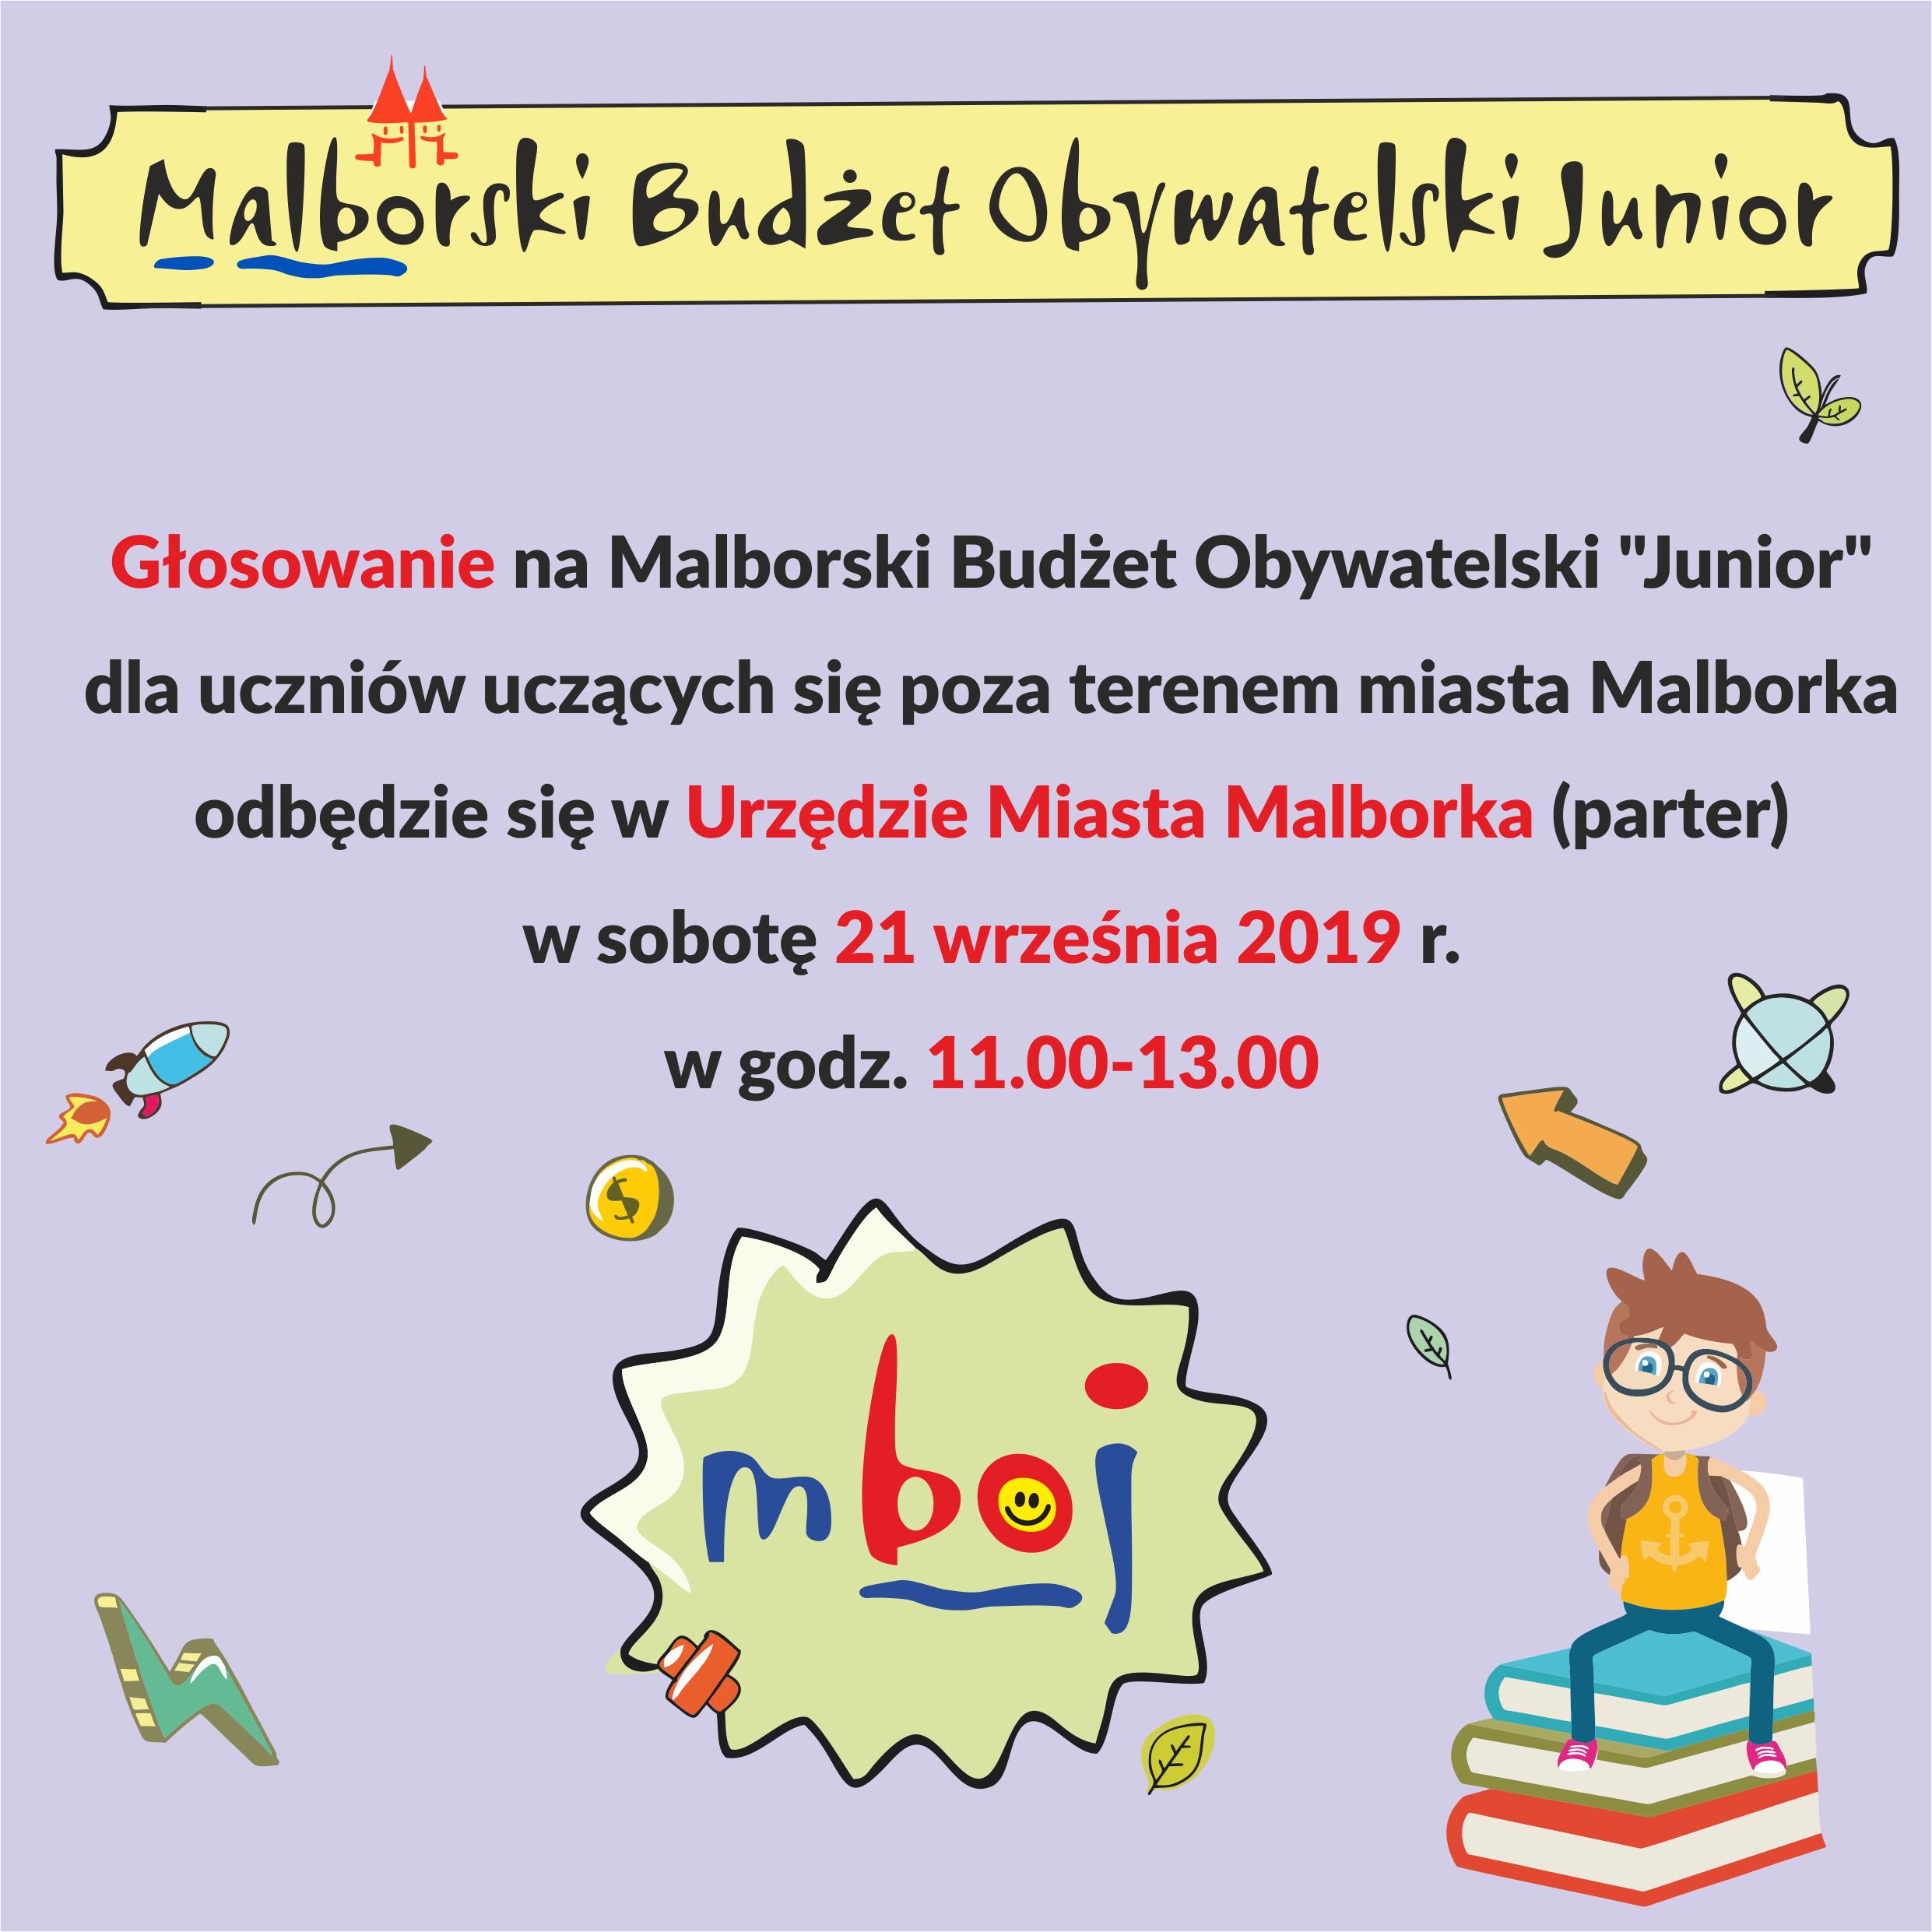 http://m.82-200.pl/2019/09/orig/mboj-4954.png